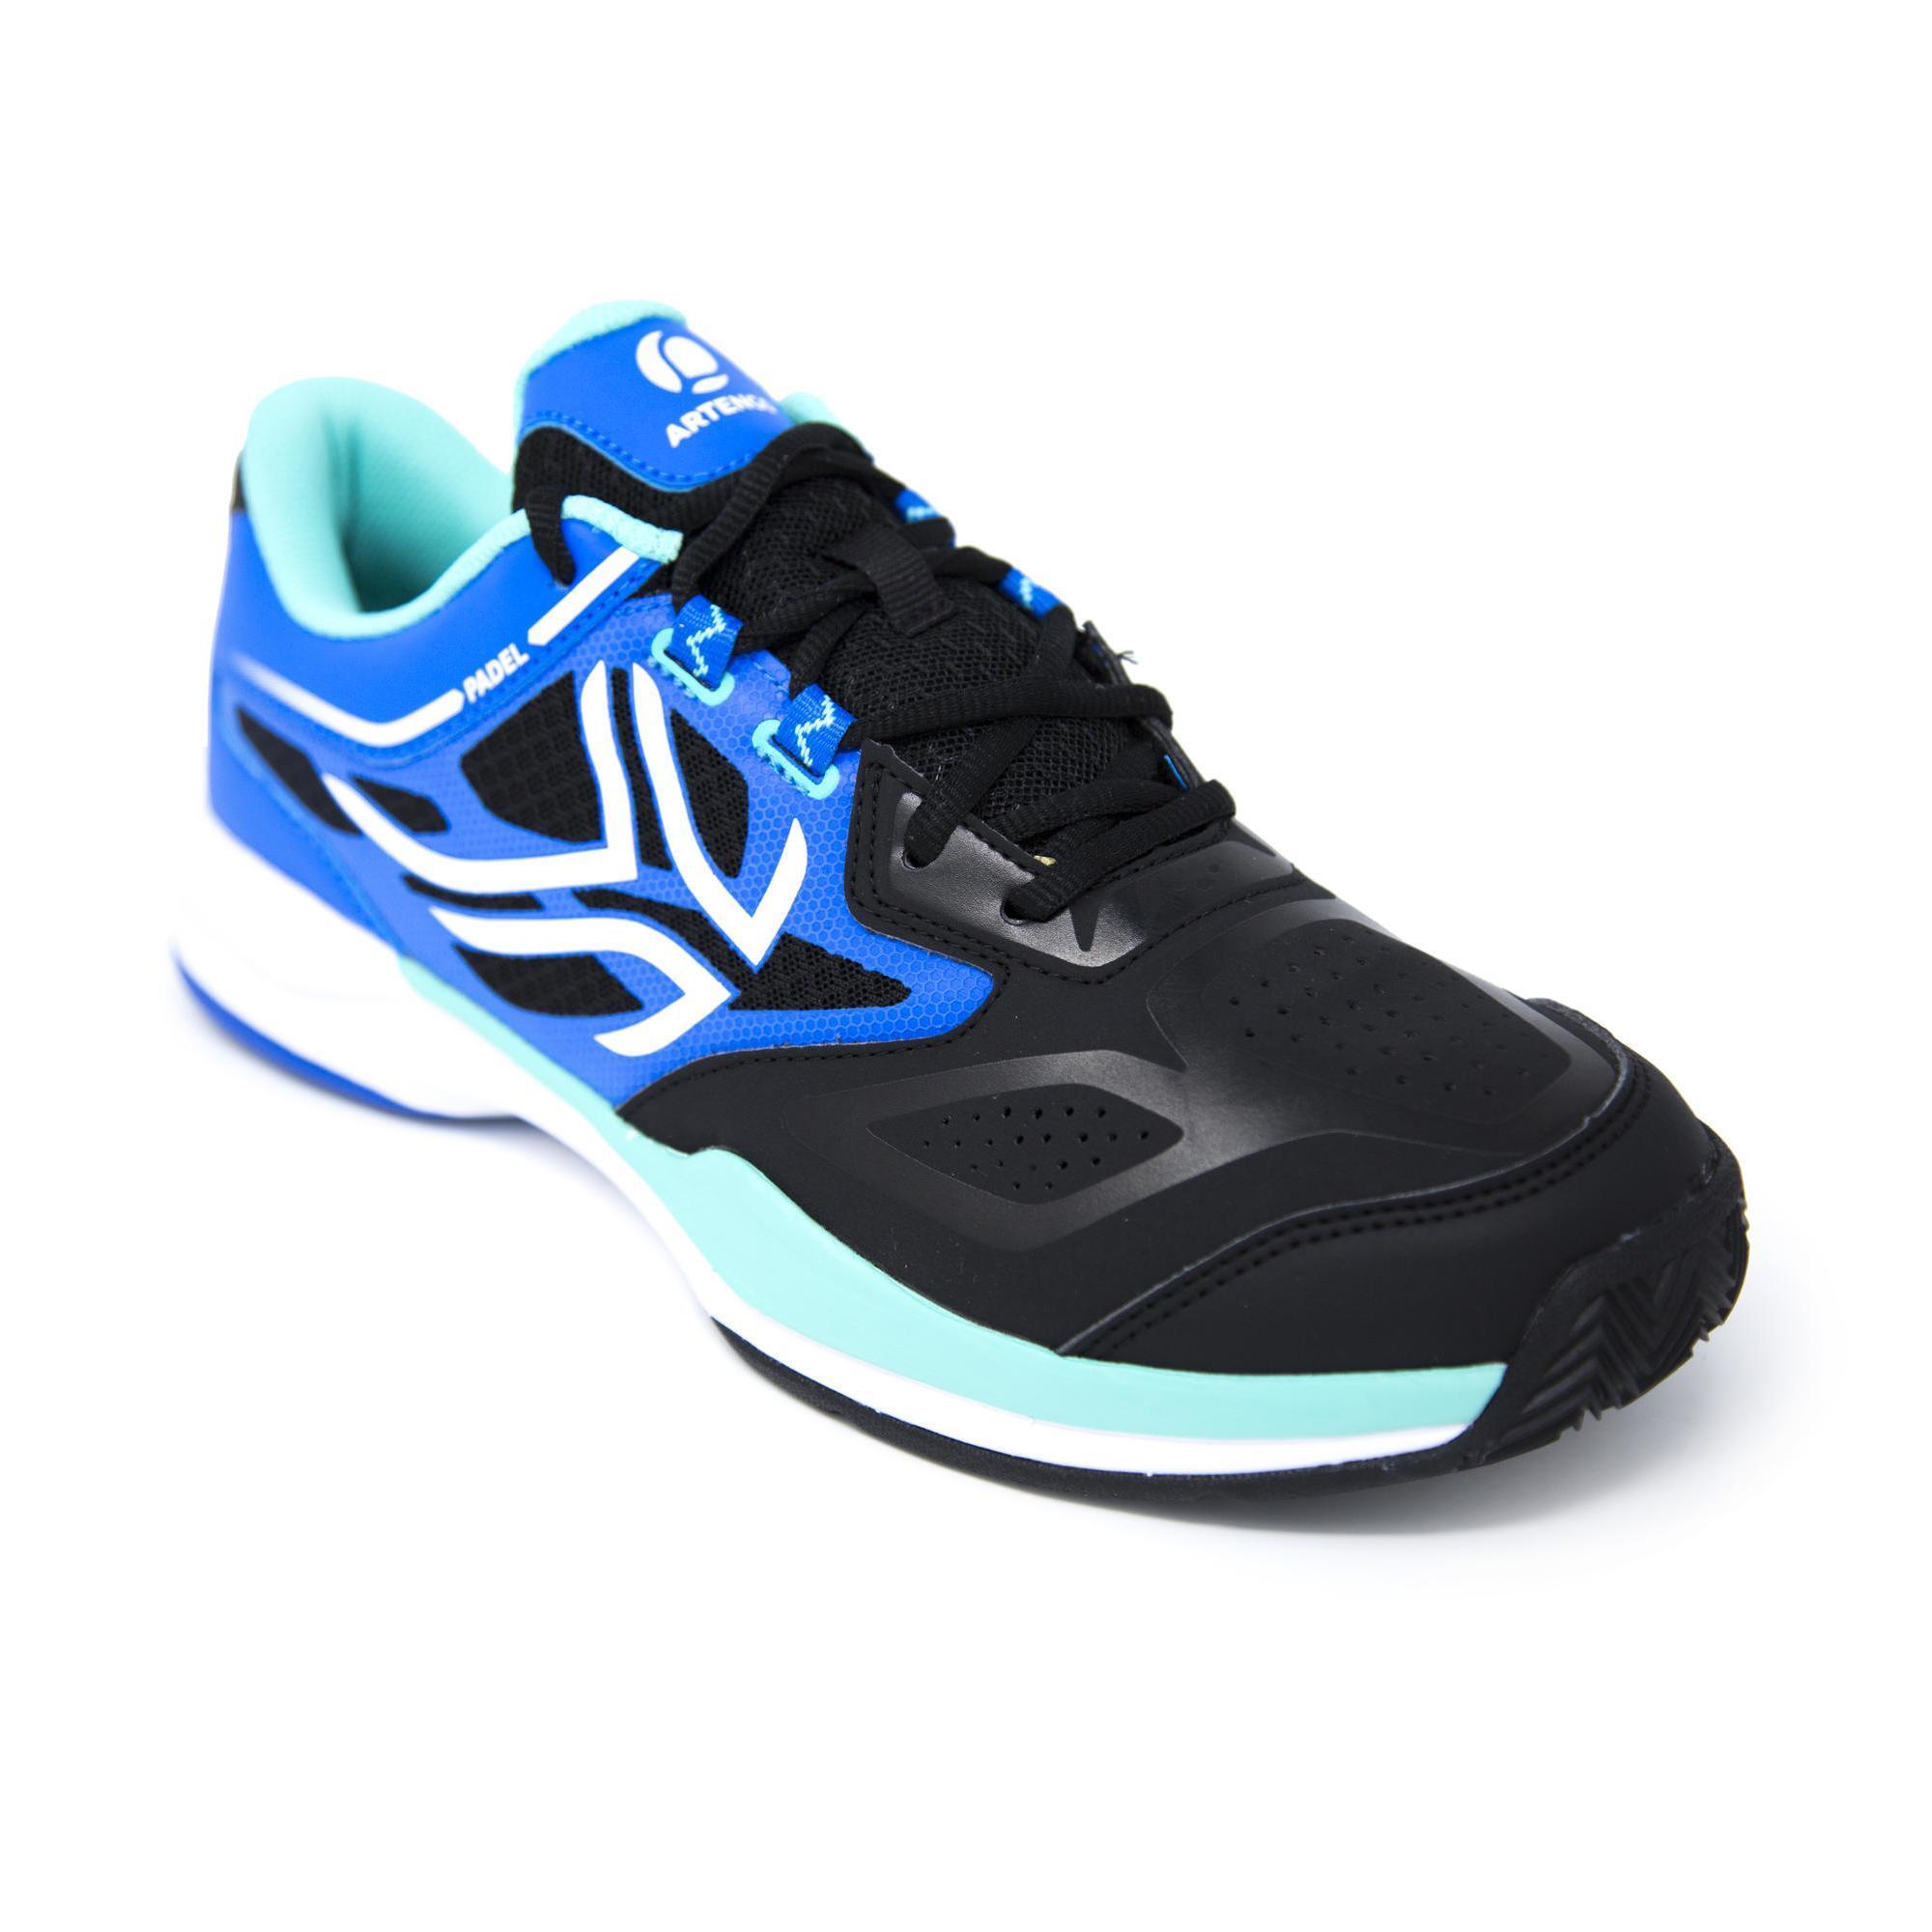 Artengo Padelschoenen PS860 voor heren blauw / zwart